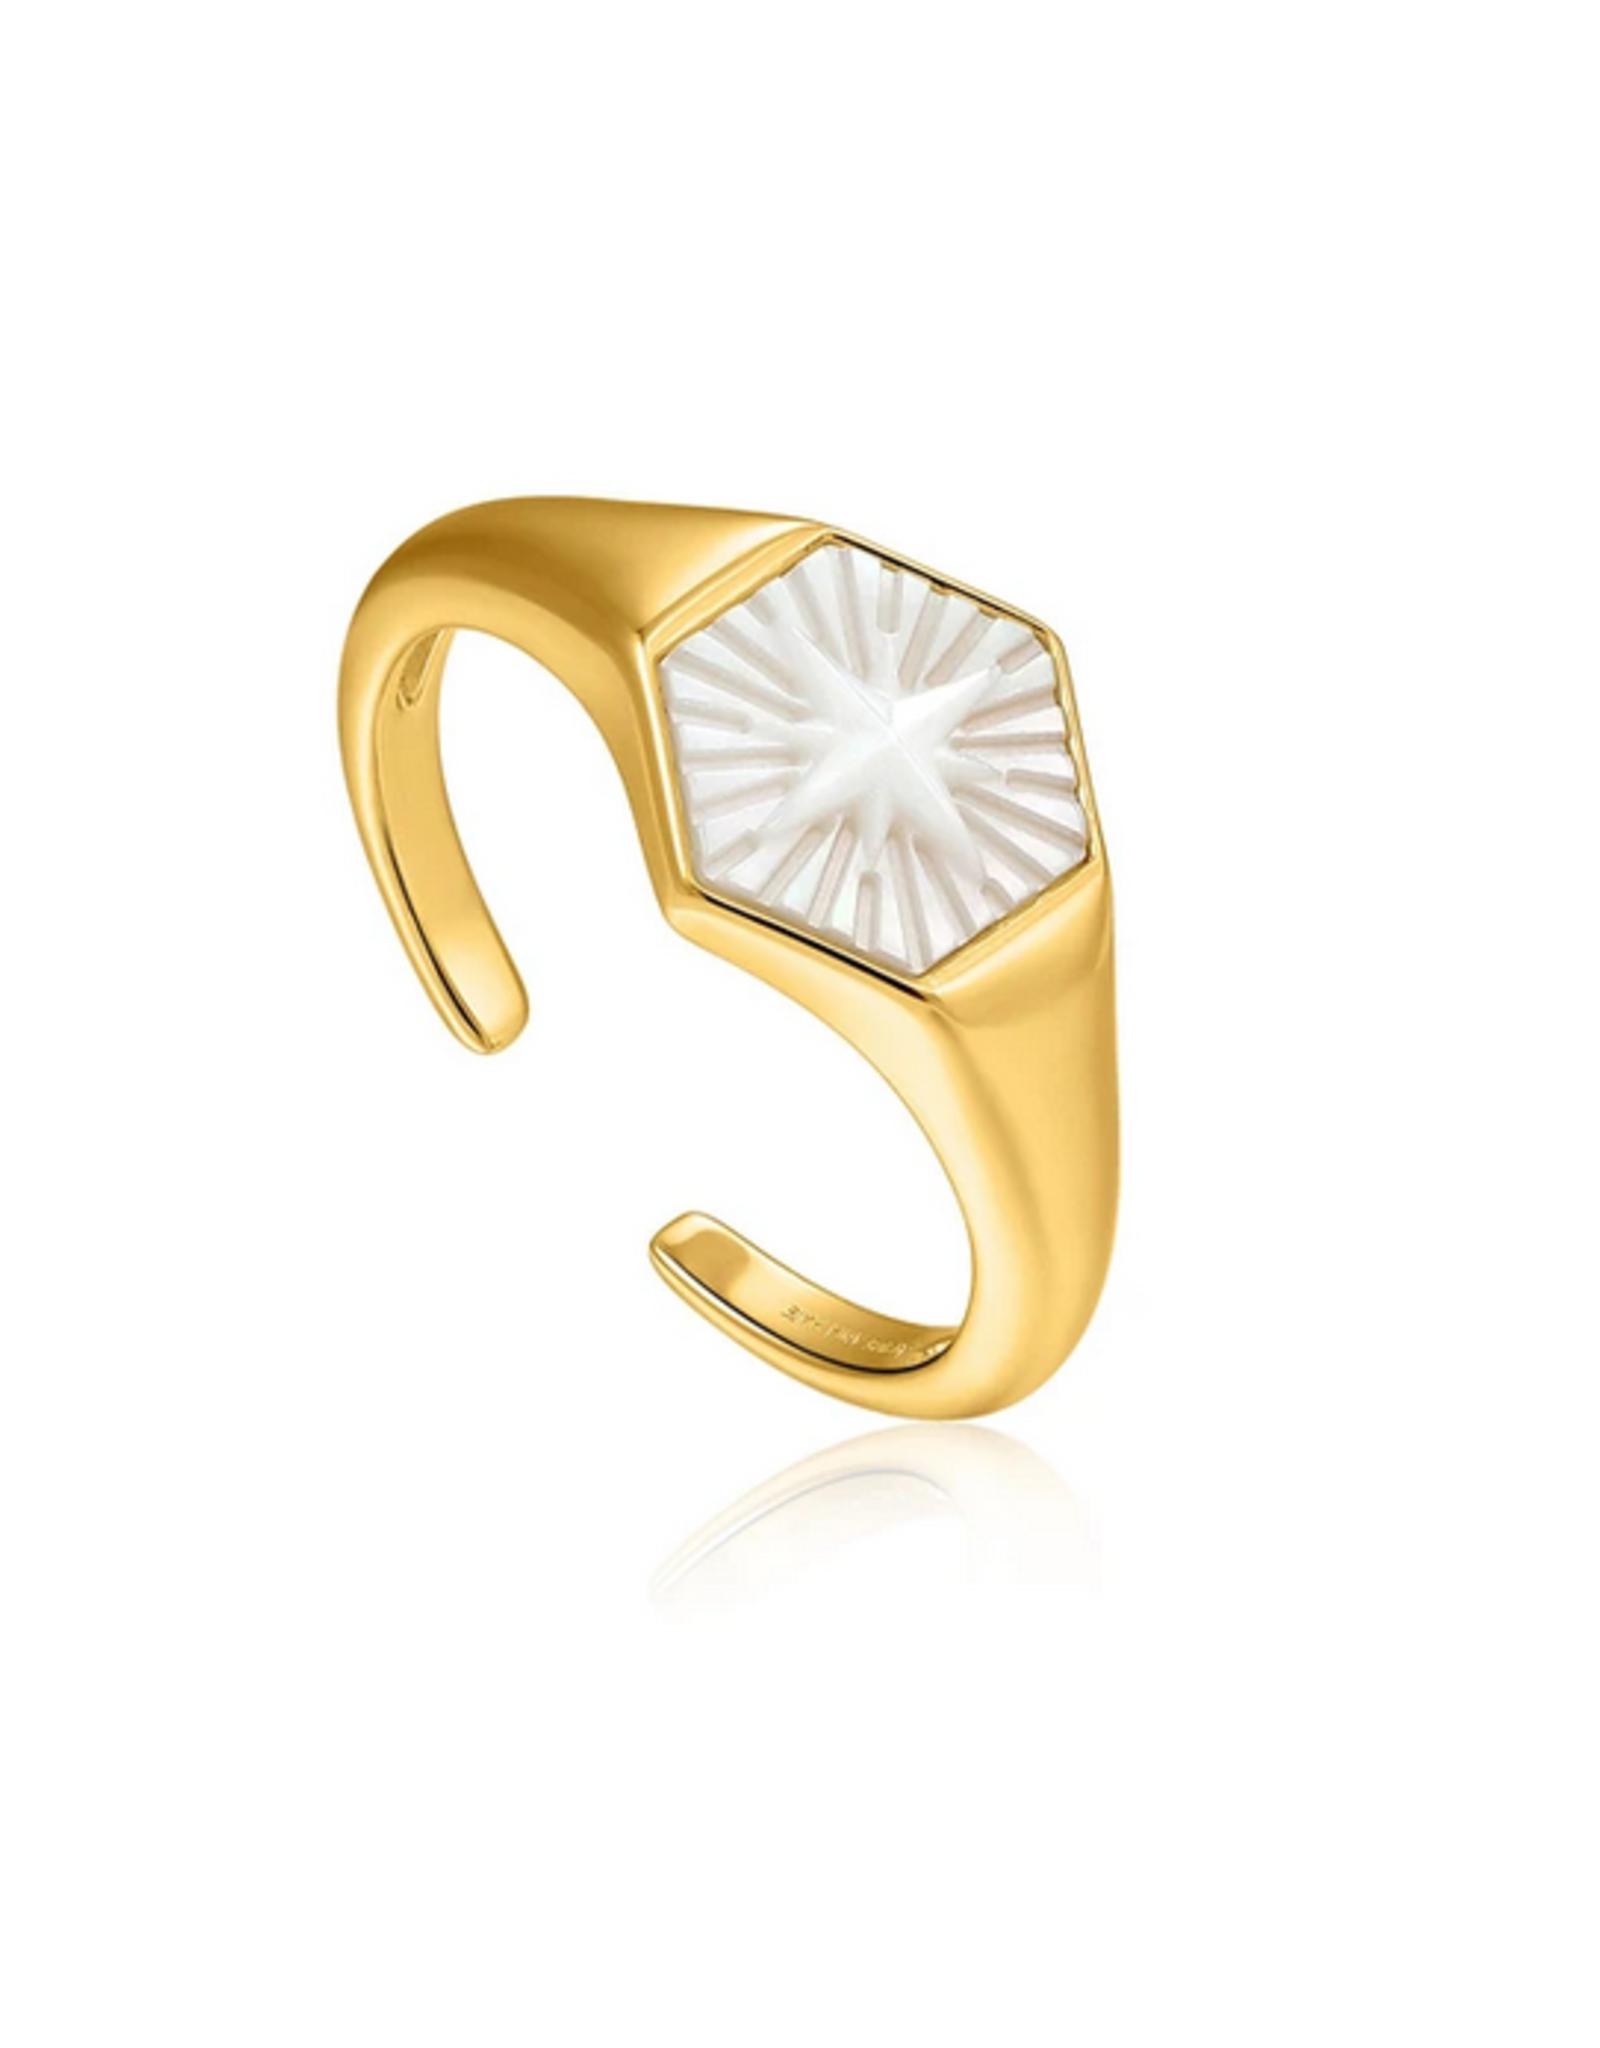 Ania Haie Ania Haie - Compass emblem - gold adjustable